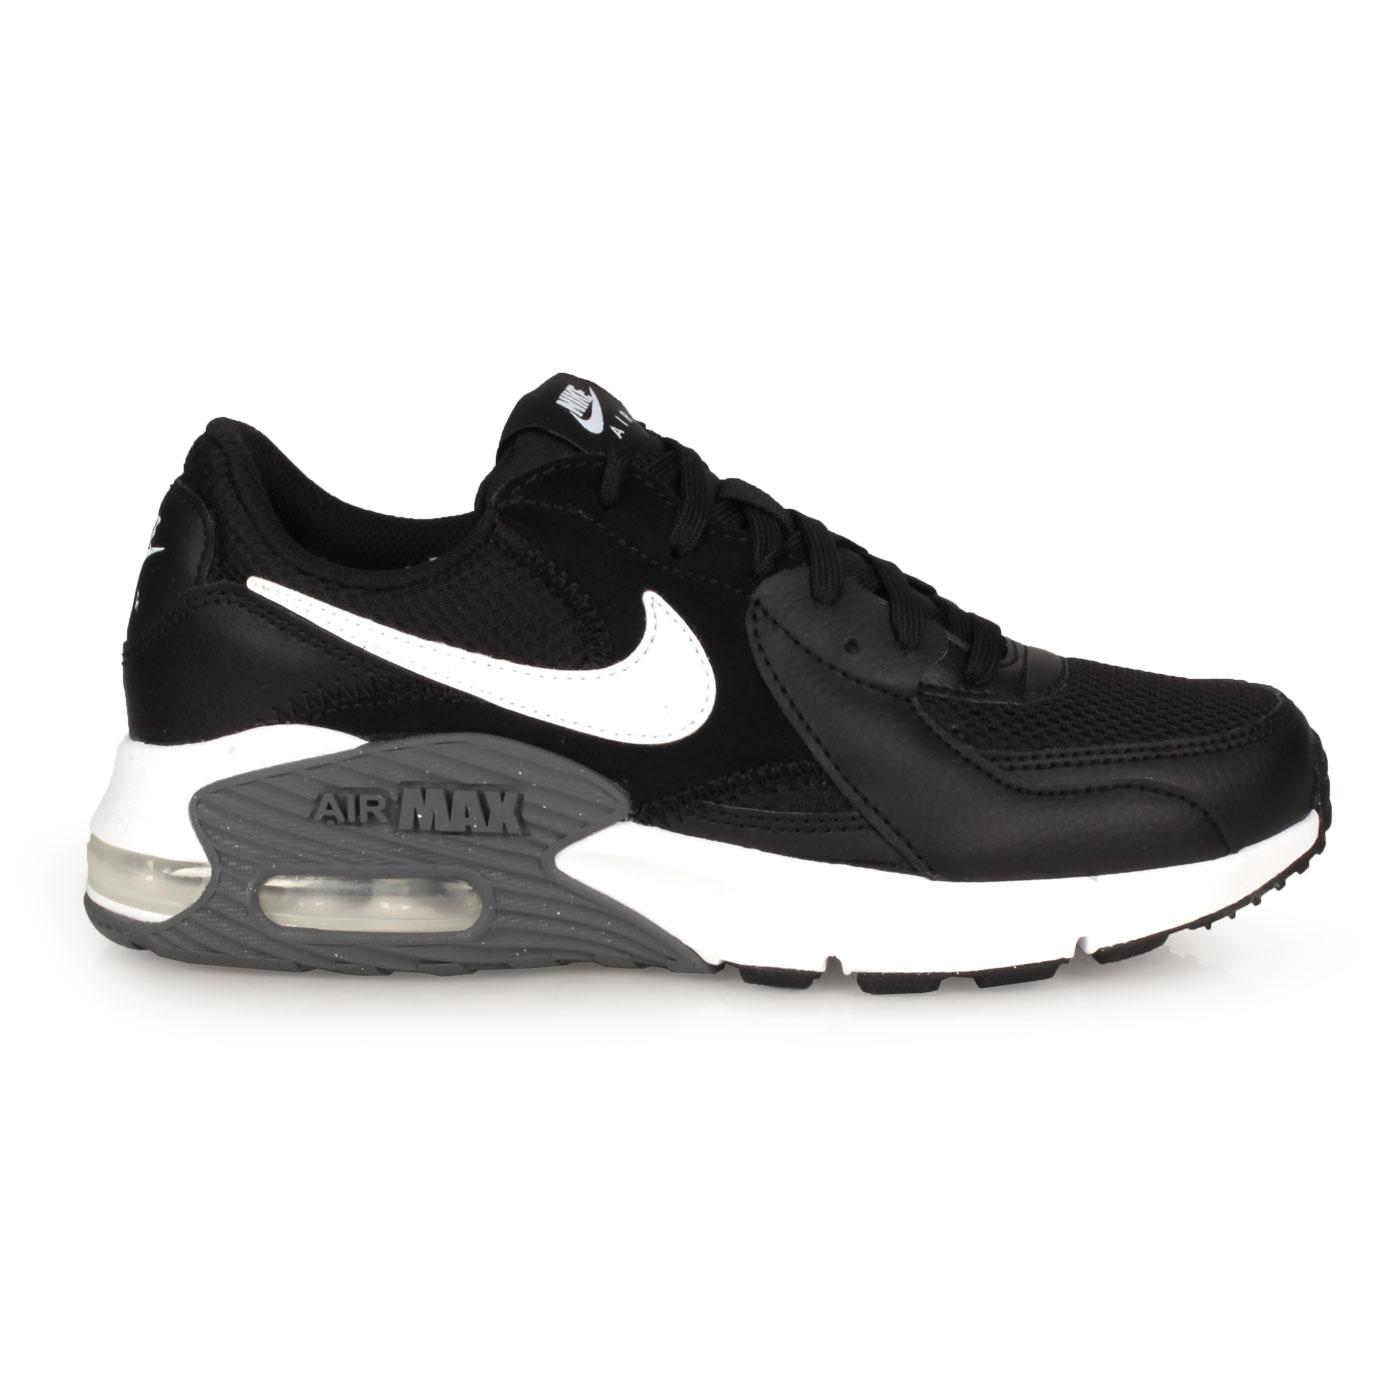 NIKE 女款休閒運動鞋  @WMNS AIR MAX EXCEE@CD5432003 - 黑白